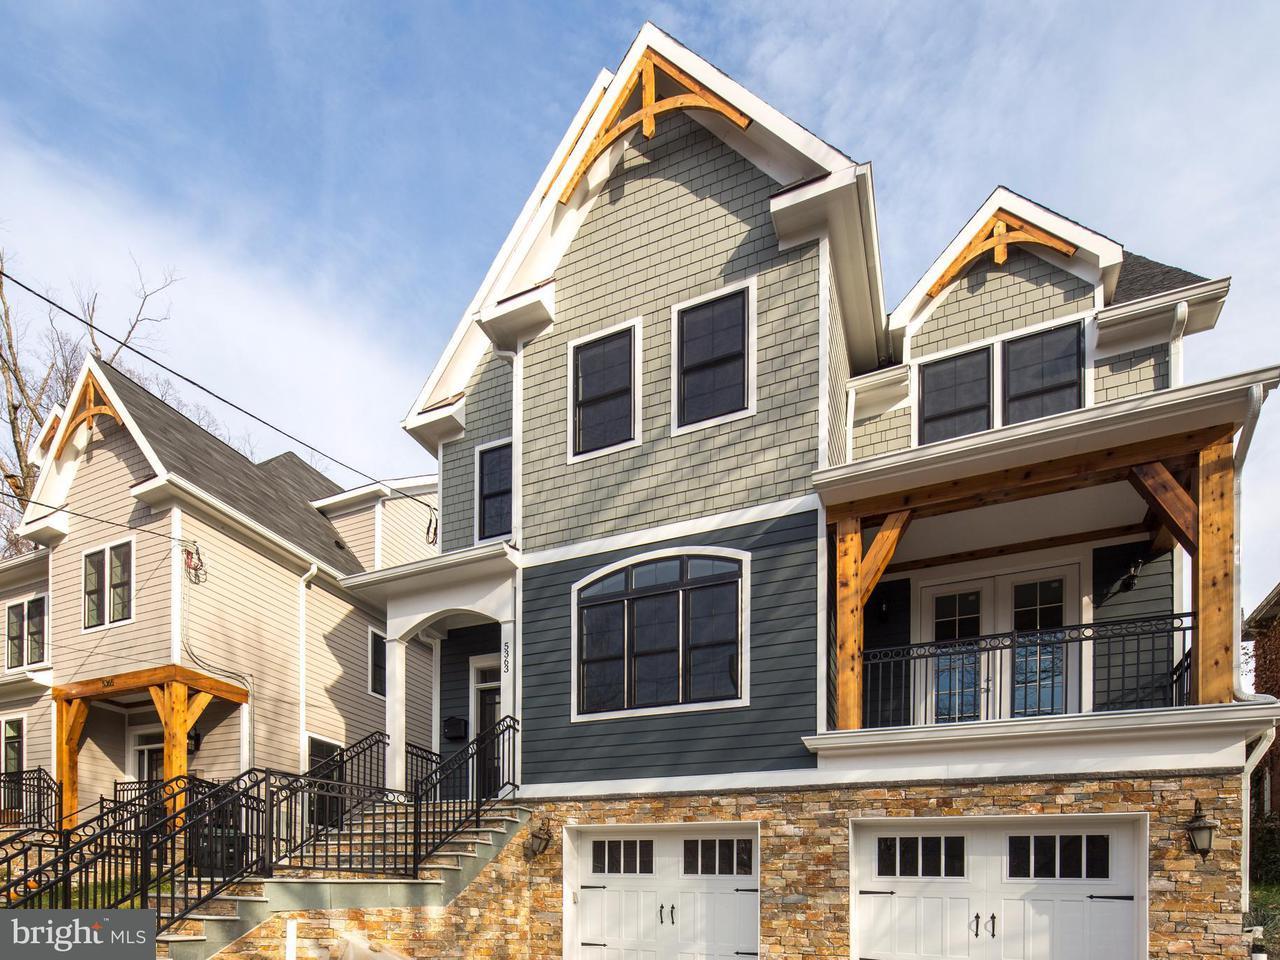 Частный односемейный дом для того Продажа на 5363 29TH ST NW 5363 29TH ST NW Washington, Округ Колумбия 20015 Соединенные Штаты